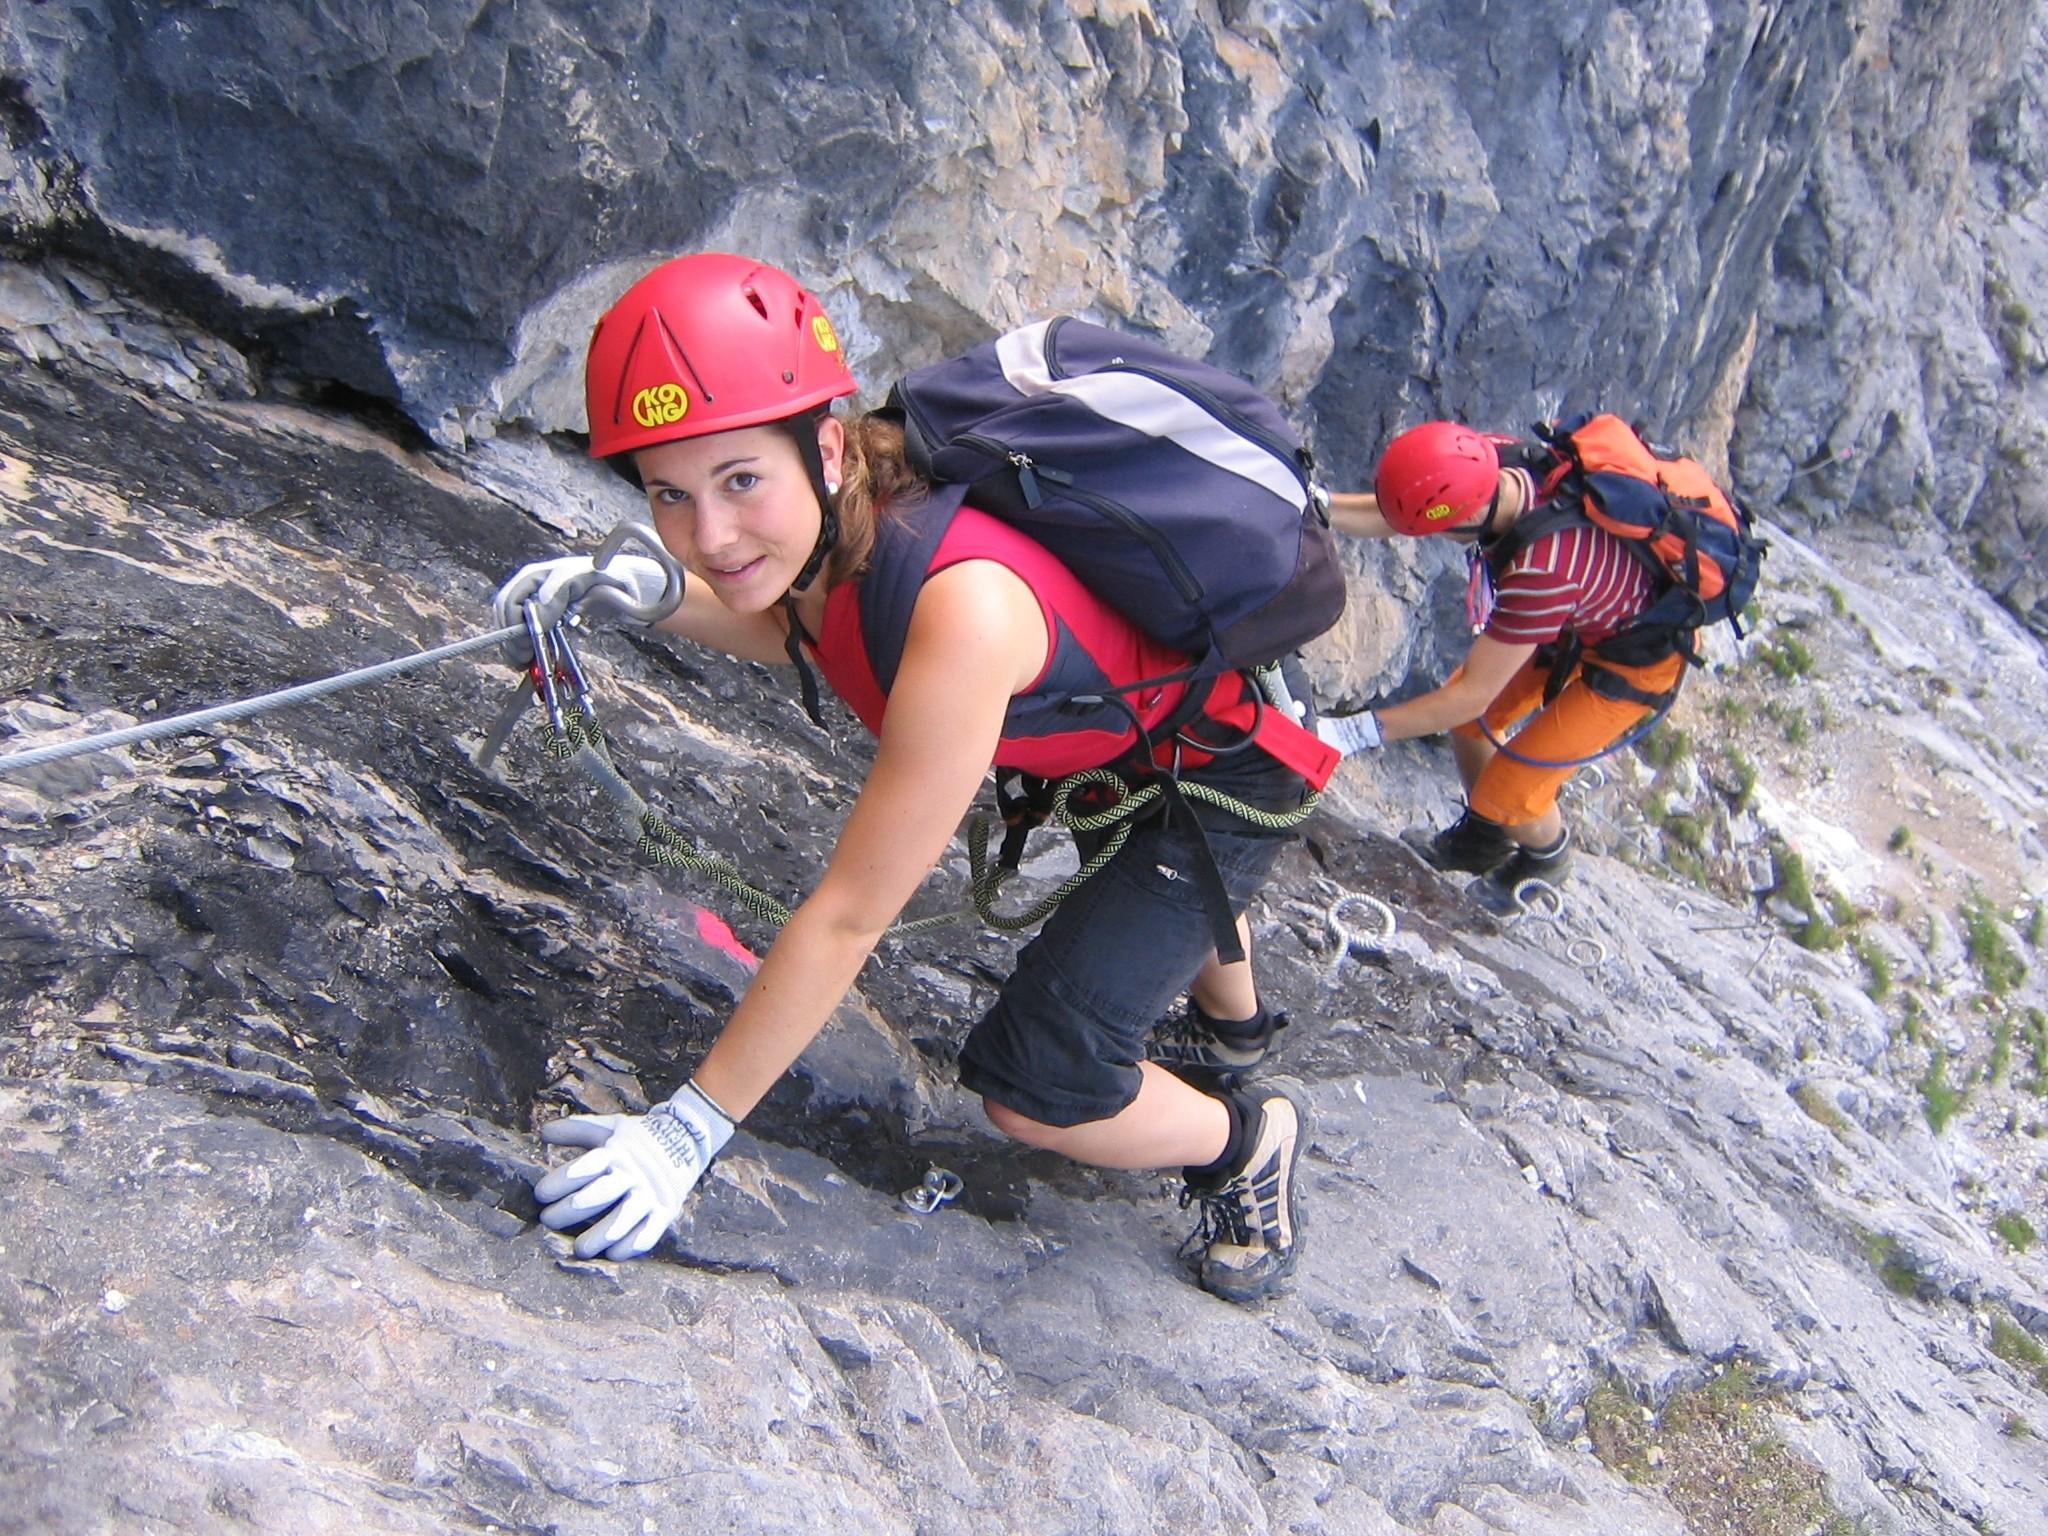 Klettergurt Für Halle Und Klettersteig : Klettergurte test ▷ bestenliste testberichte